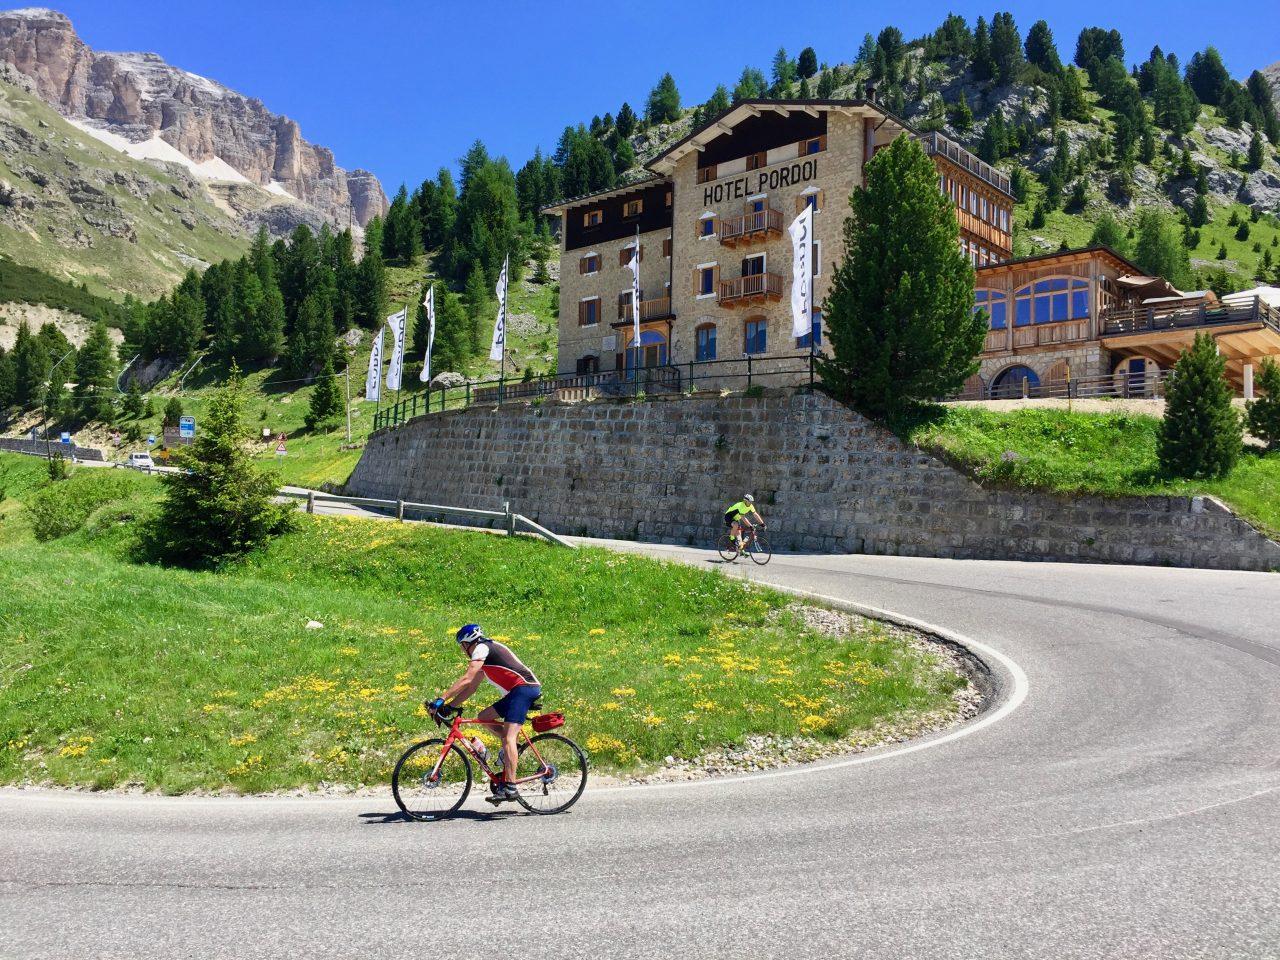 Hans-Jörg u. Jürgen, Abfahrt Passo Pordoi, Dolomites, Italy